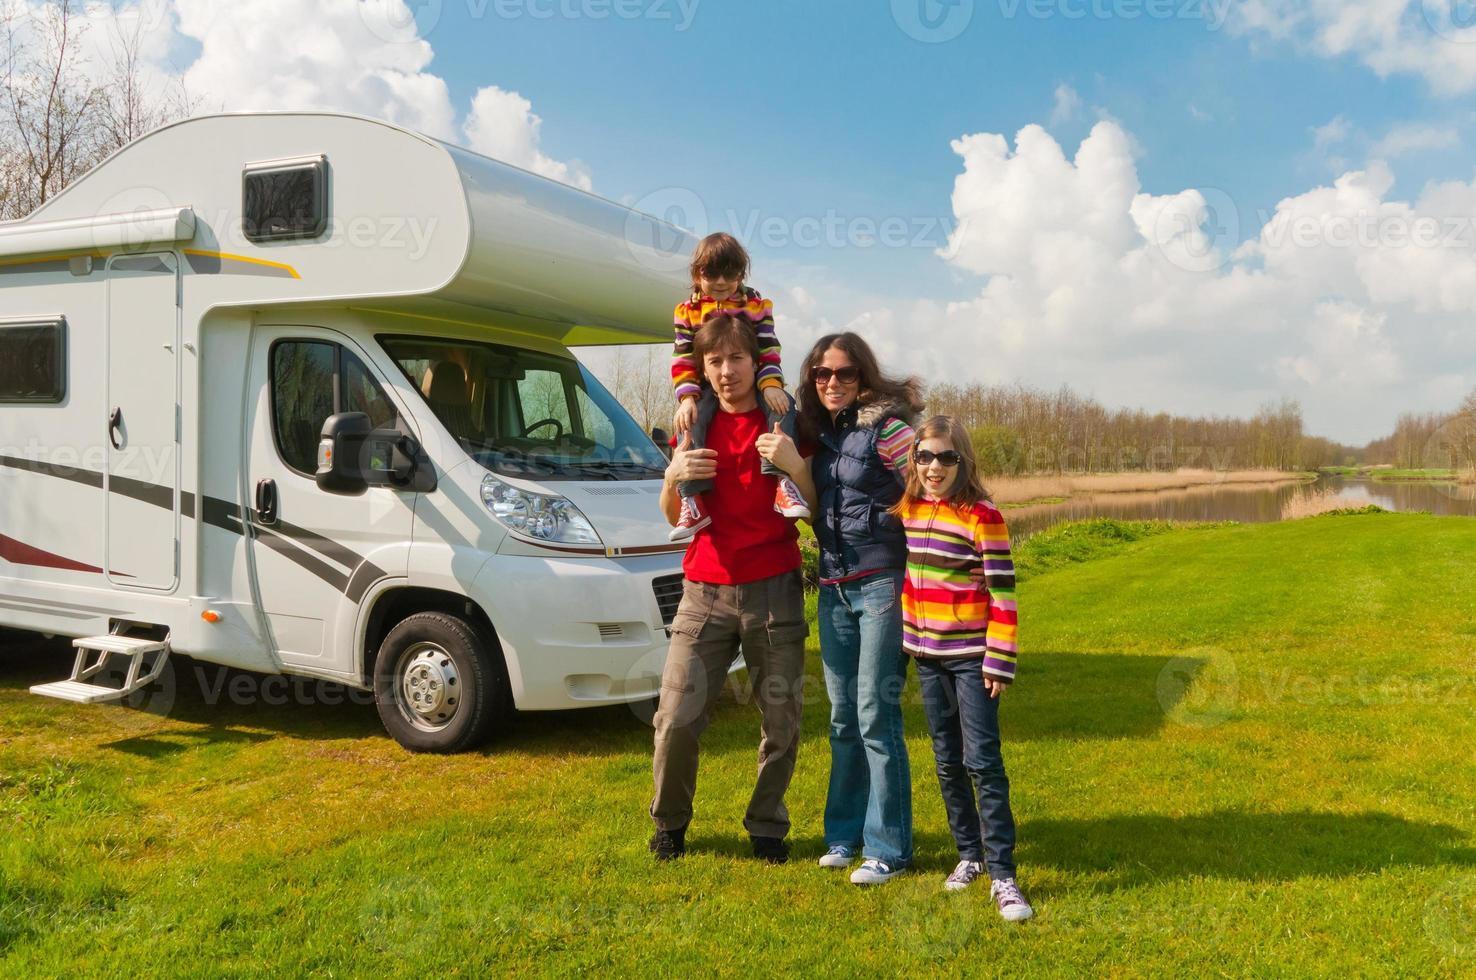 férias em família no acampamento foto